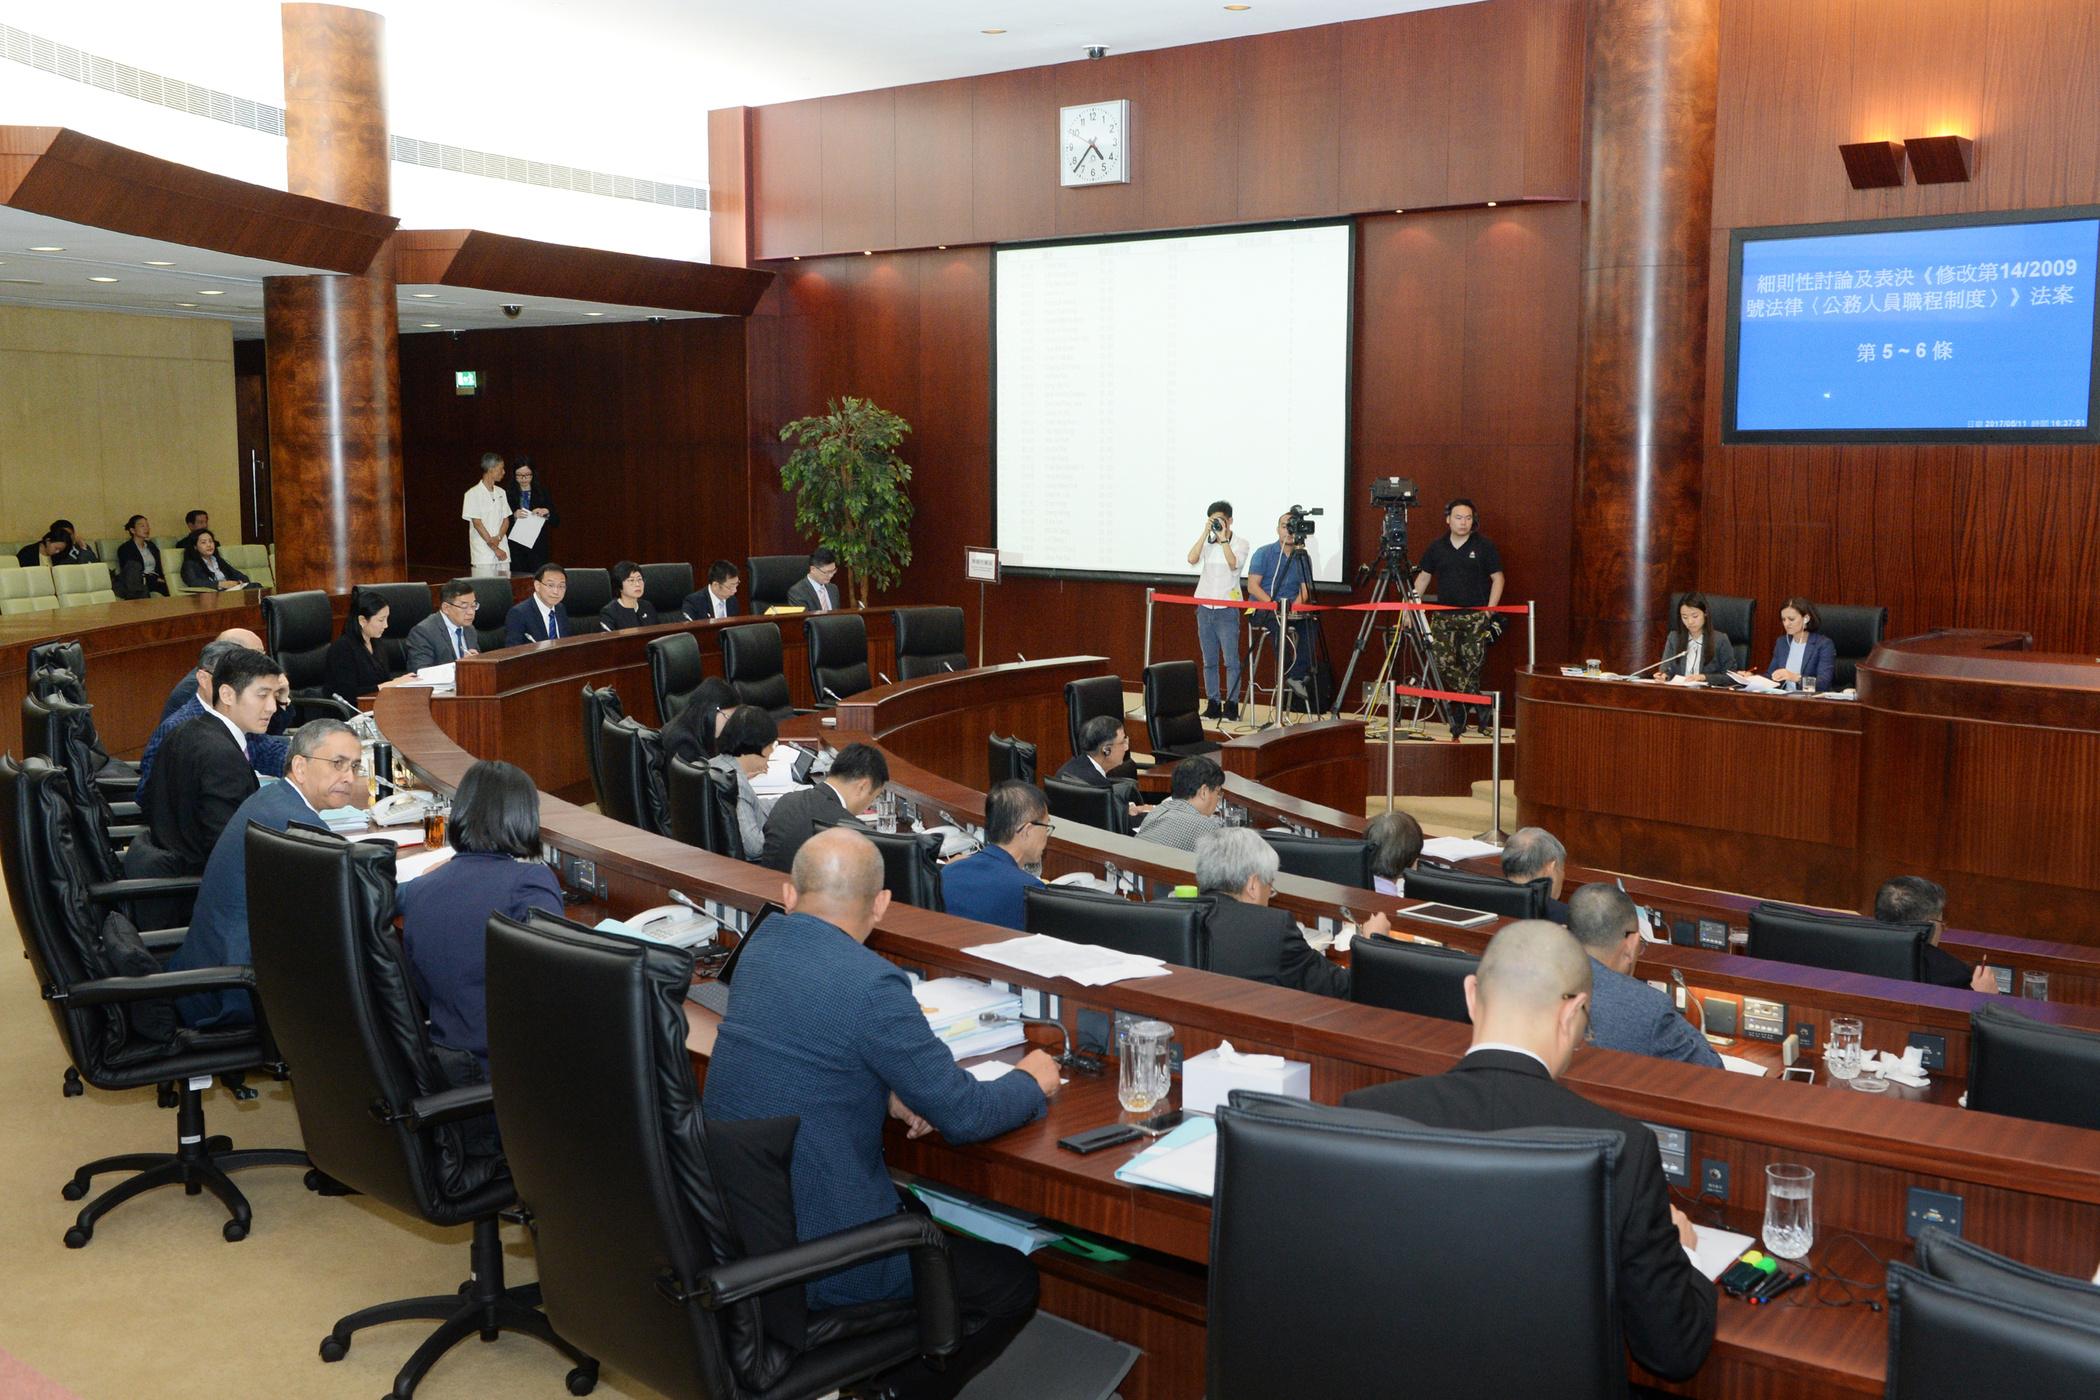 AL | Governo quer facilitar processos para abertura de estabelecimentos comerciais